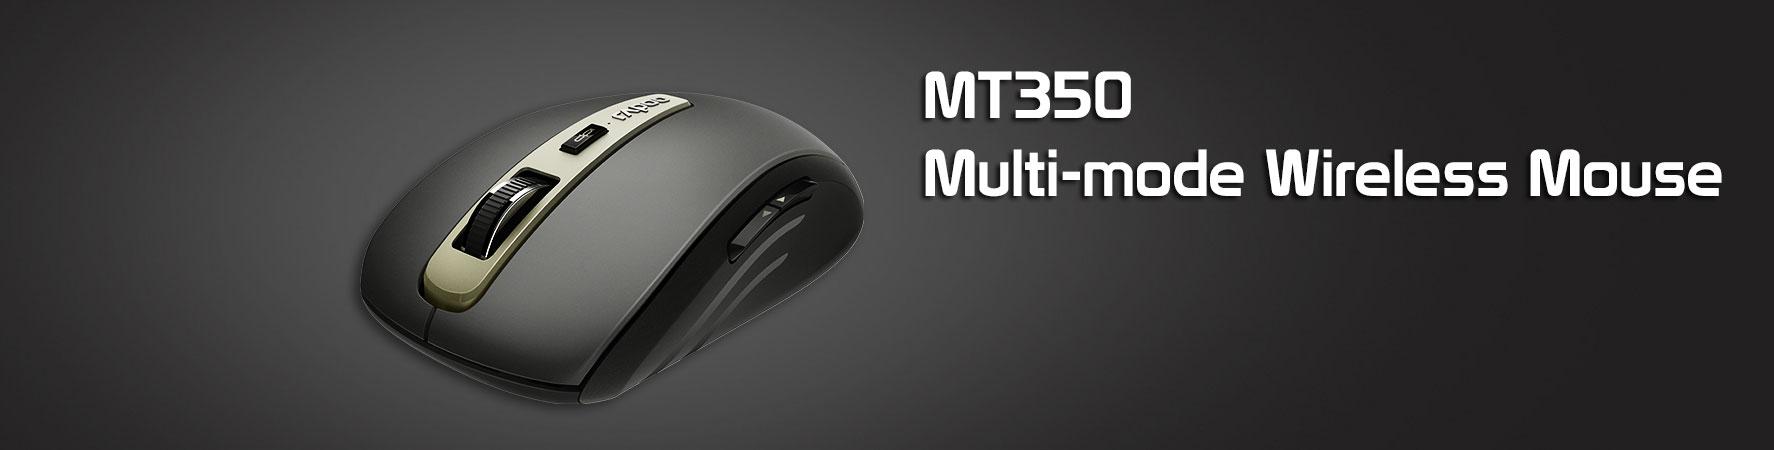 ماوس بی سیم رپو مدل MT350